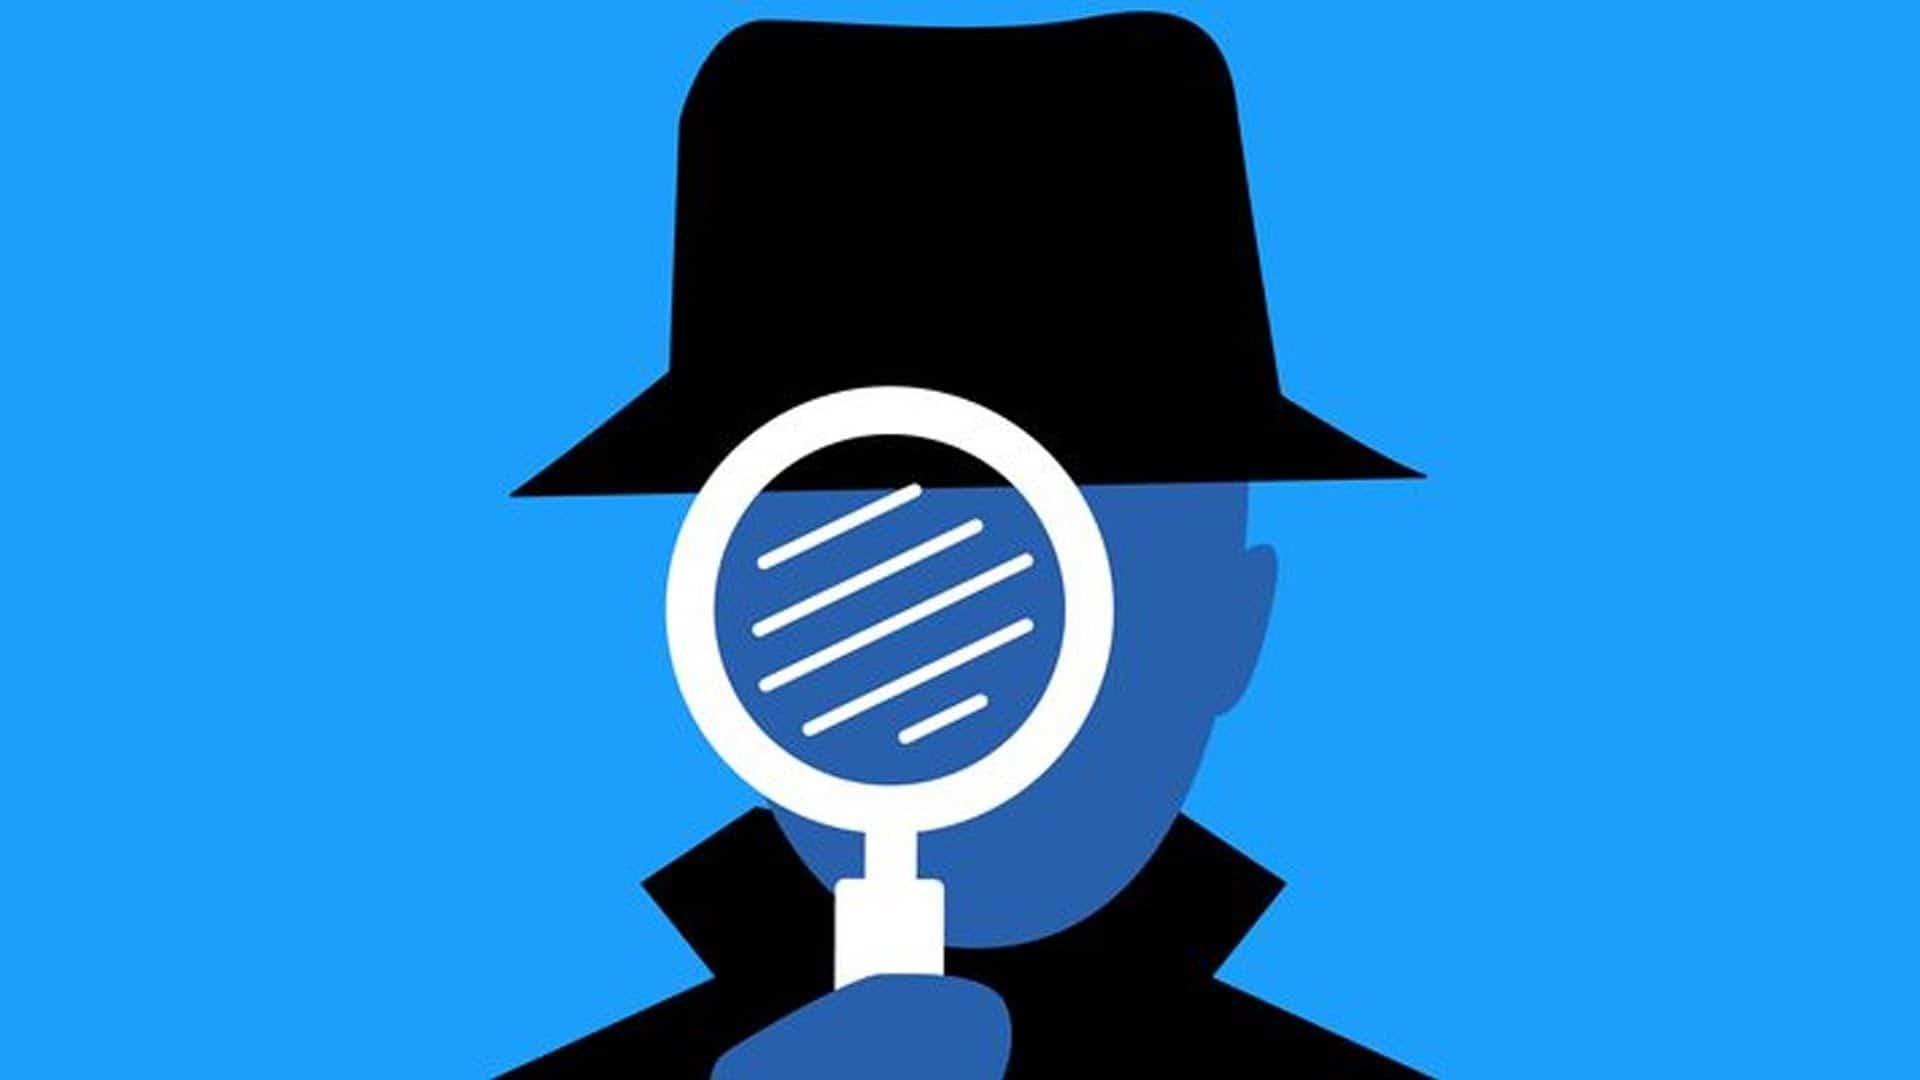 1. Spy on Instagram using Keylogger